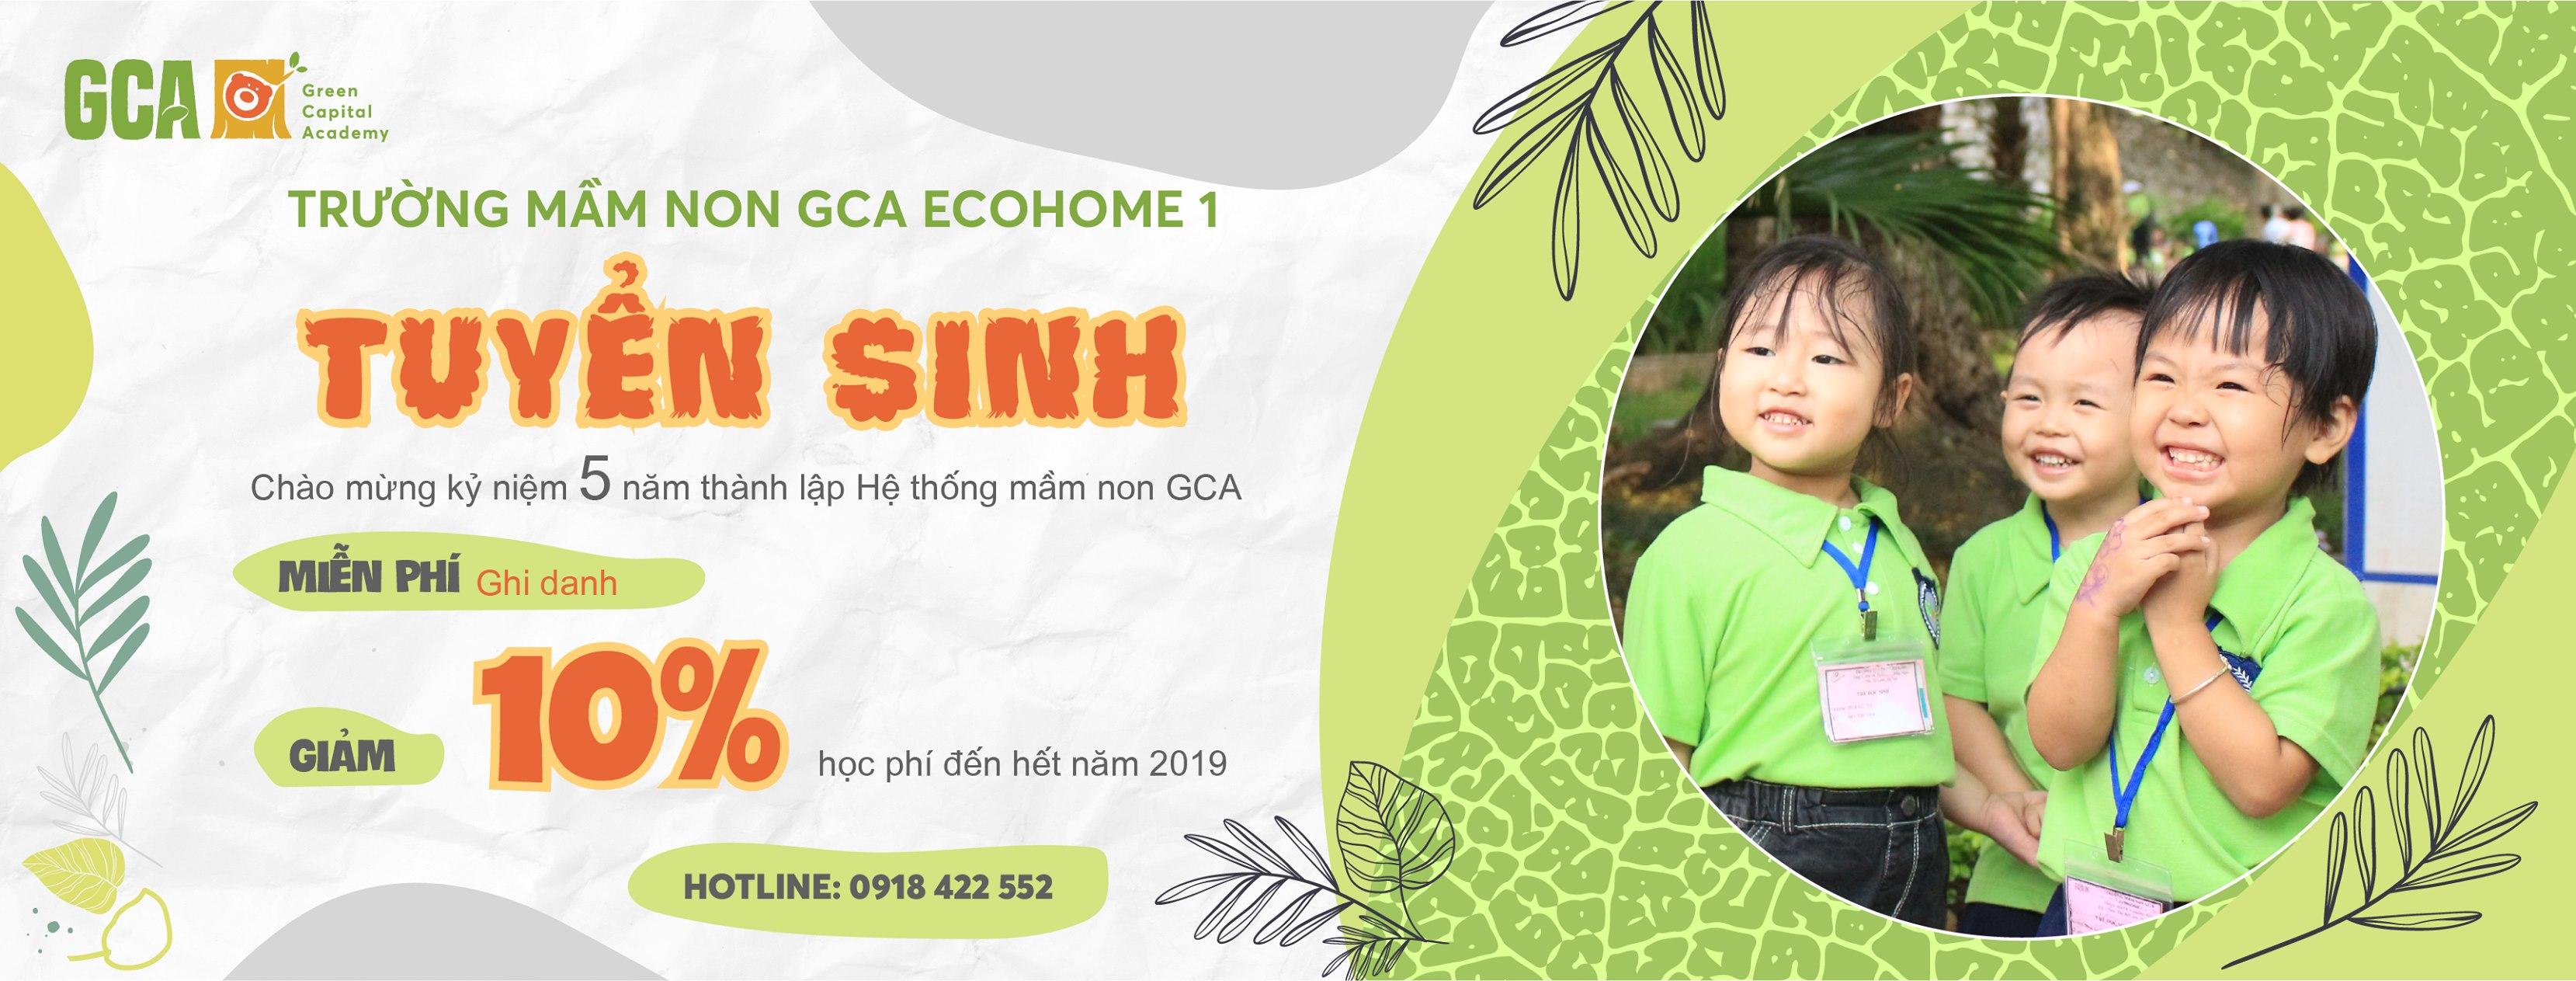 ưu đãi tuyển sinh của Trường mầm non GCA Ecohome 1 (Green Capital Academy - Học viện Thủ đô xanh) - đường Kẻ Vẽ